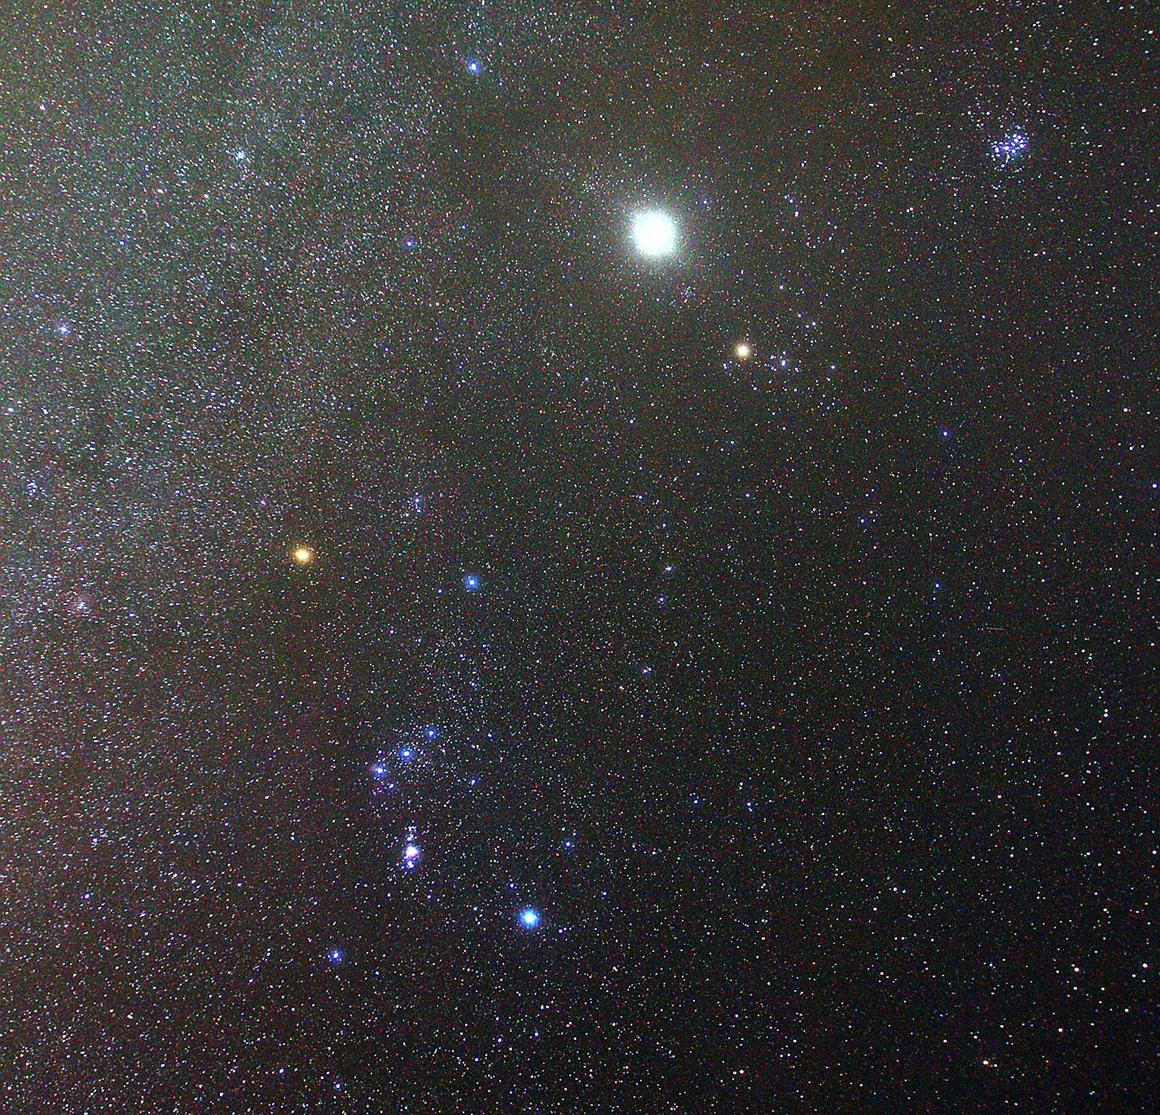 L'inconfondibile forma di Orione, in basso a sinistra, domina i cieli invernali. L'intruso luminoso è Giove, che nel 2012, anno di scatto di questa foto, si trovava nei paraggi.